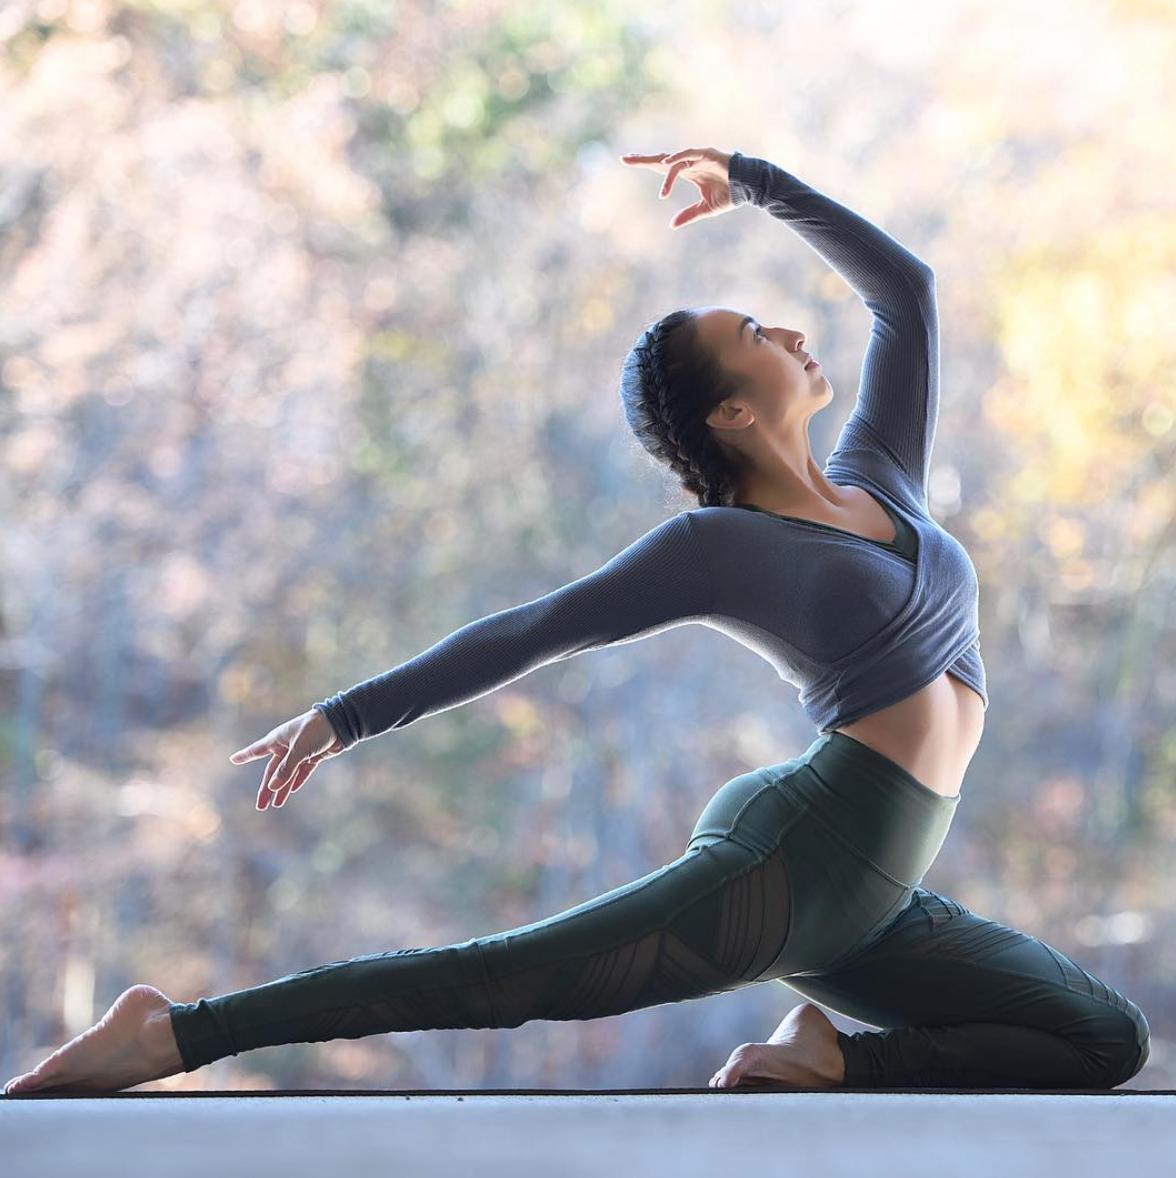 секреты позы йоги для фотосессии собой одно отделение